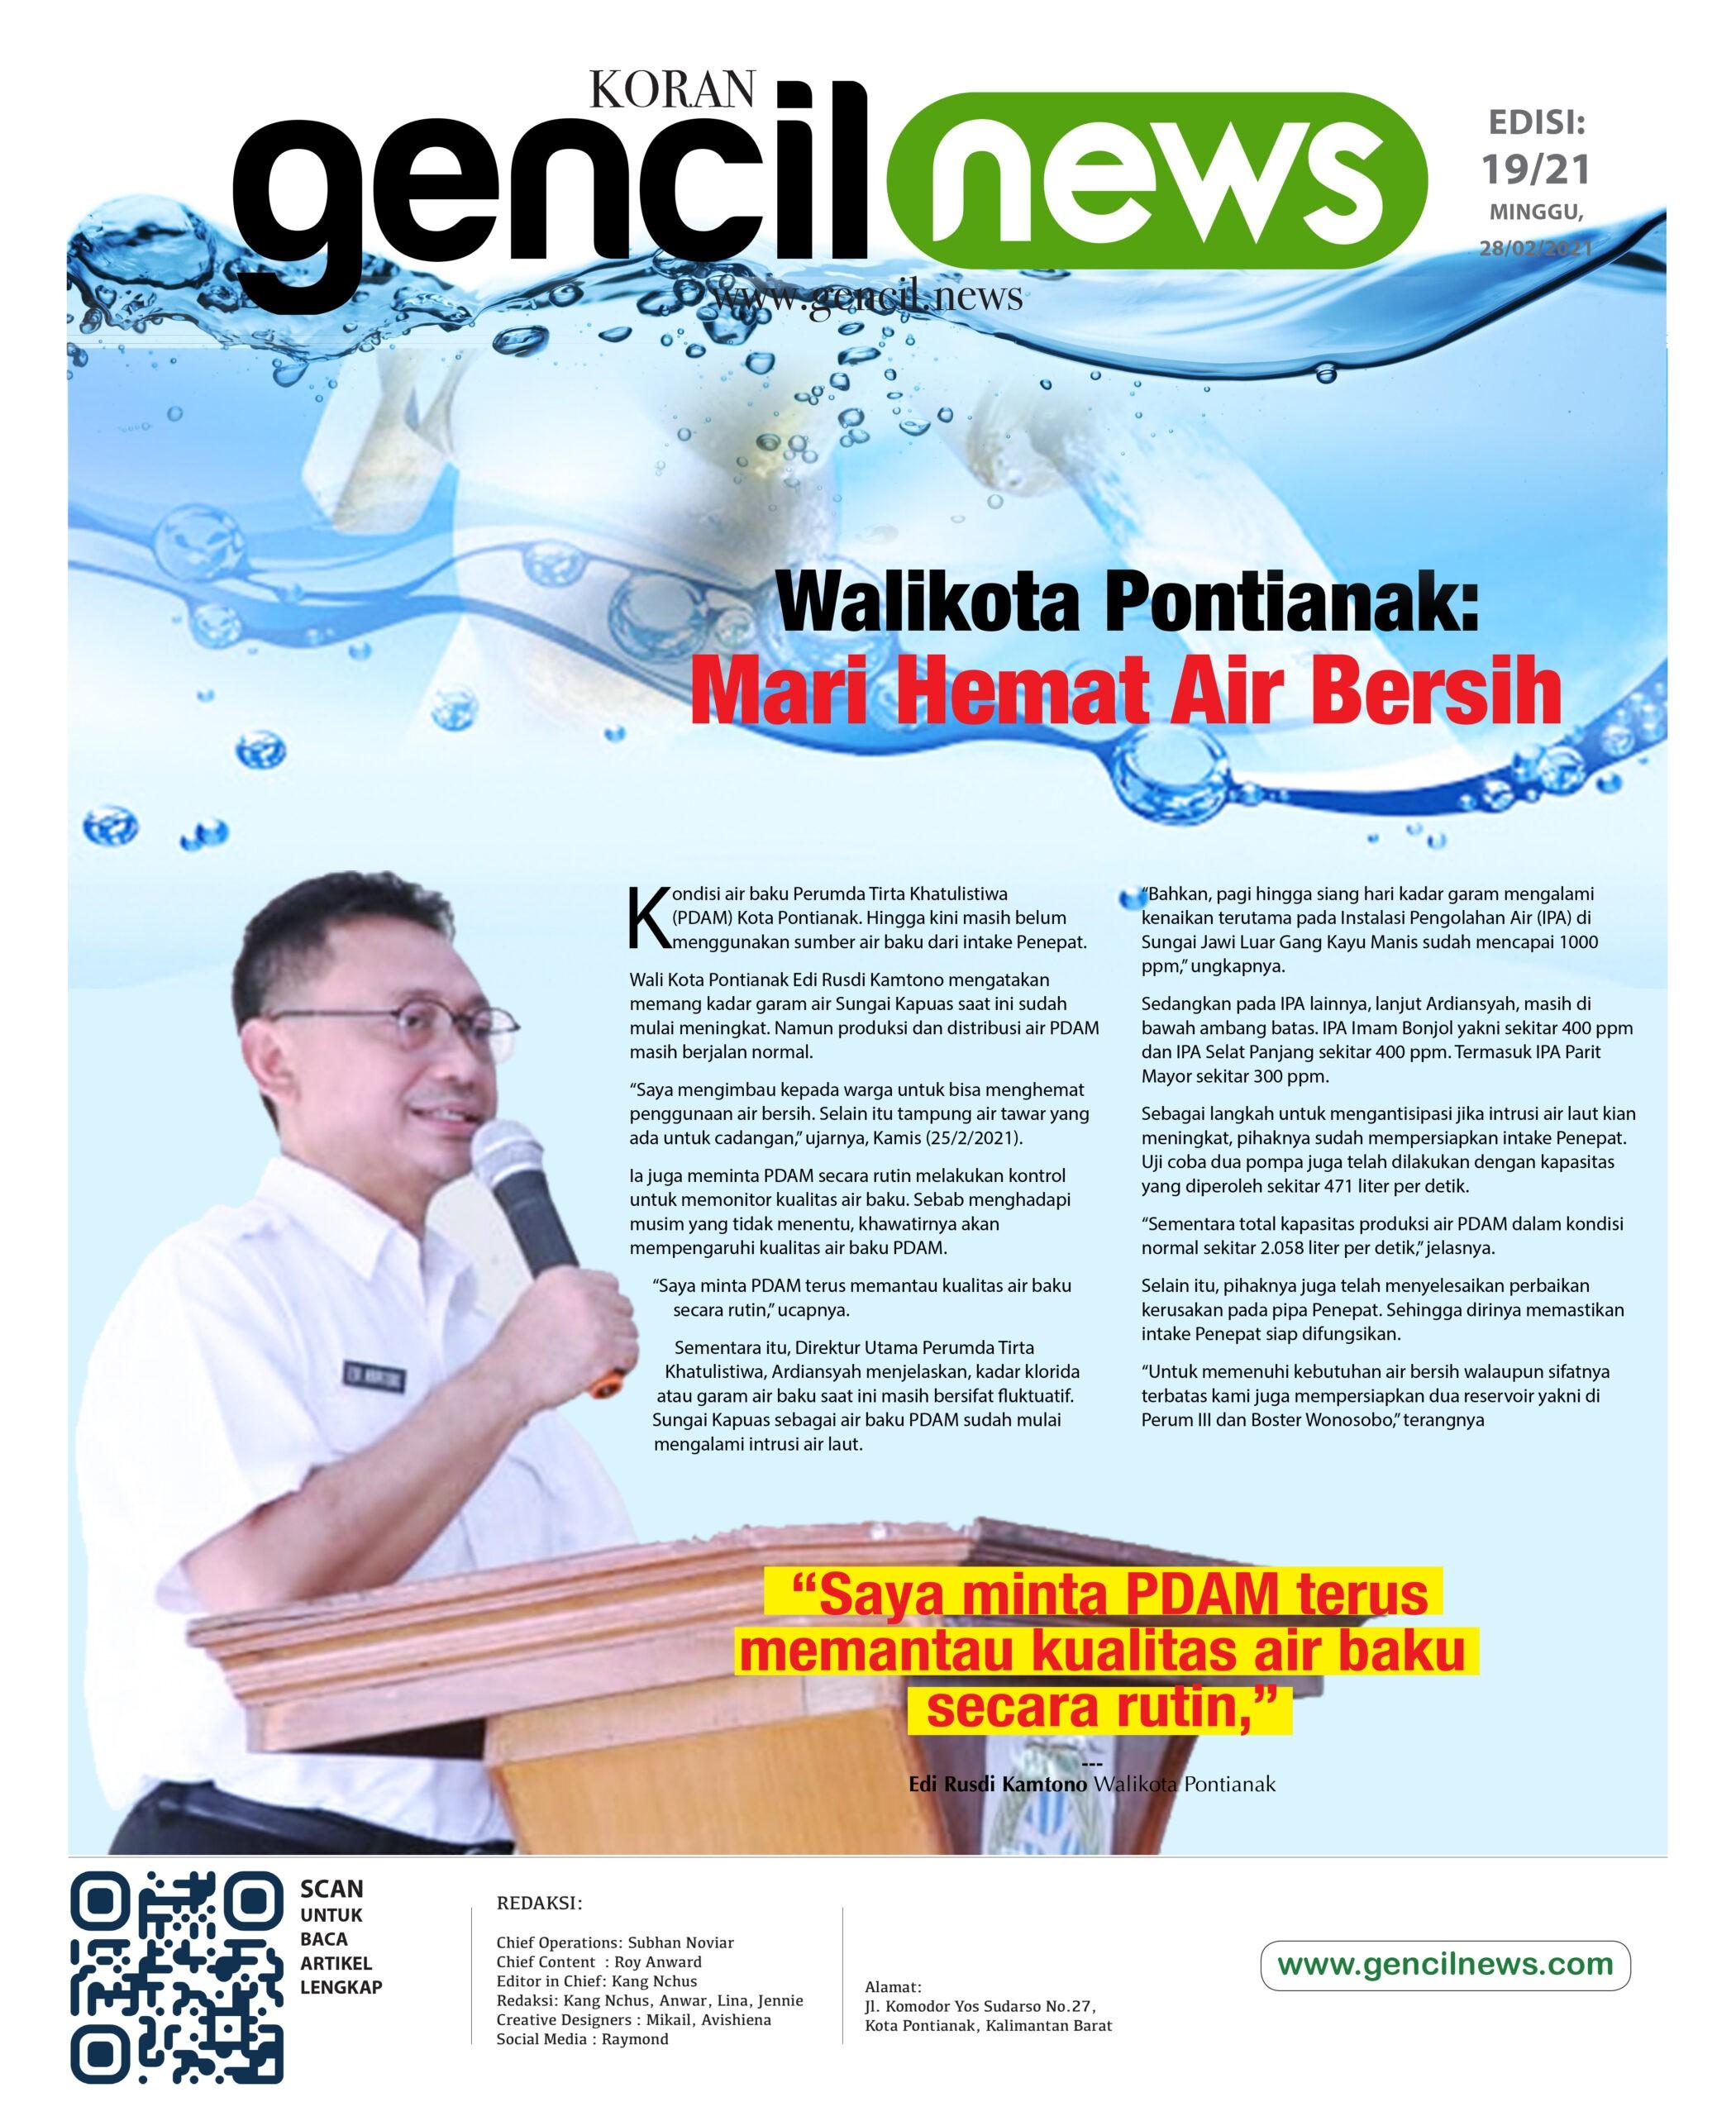 Walikota Pontianak: Mari Hemat Air Bersih